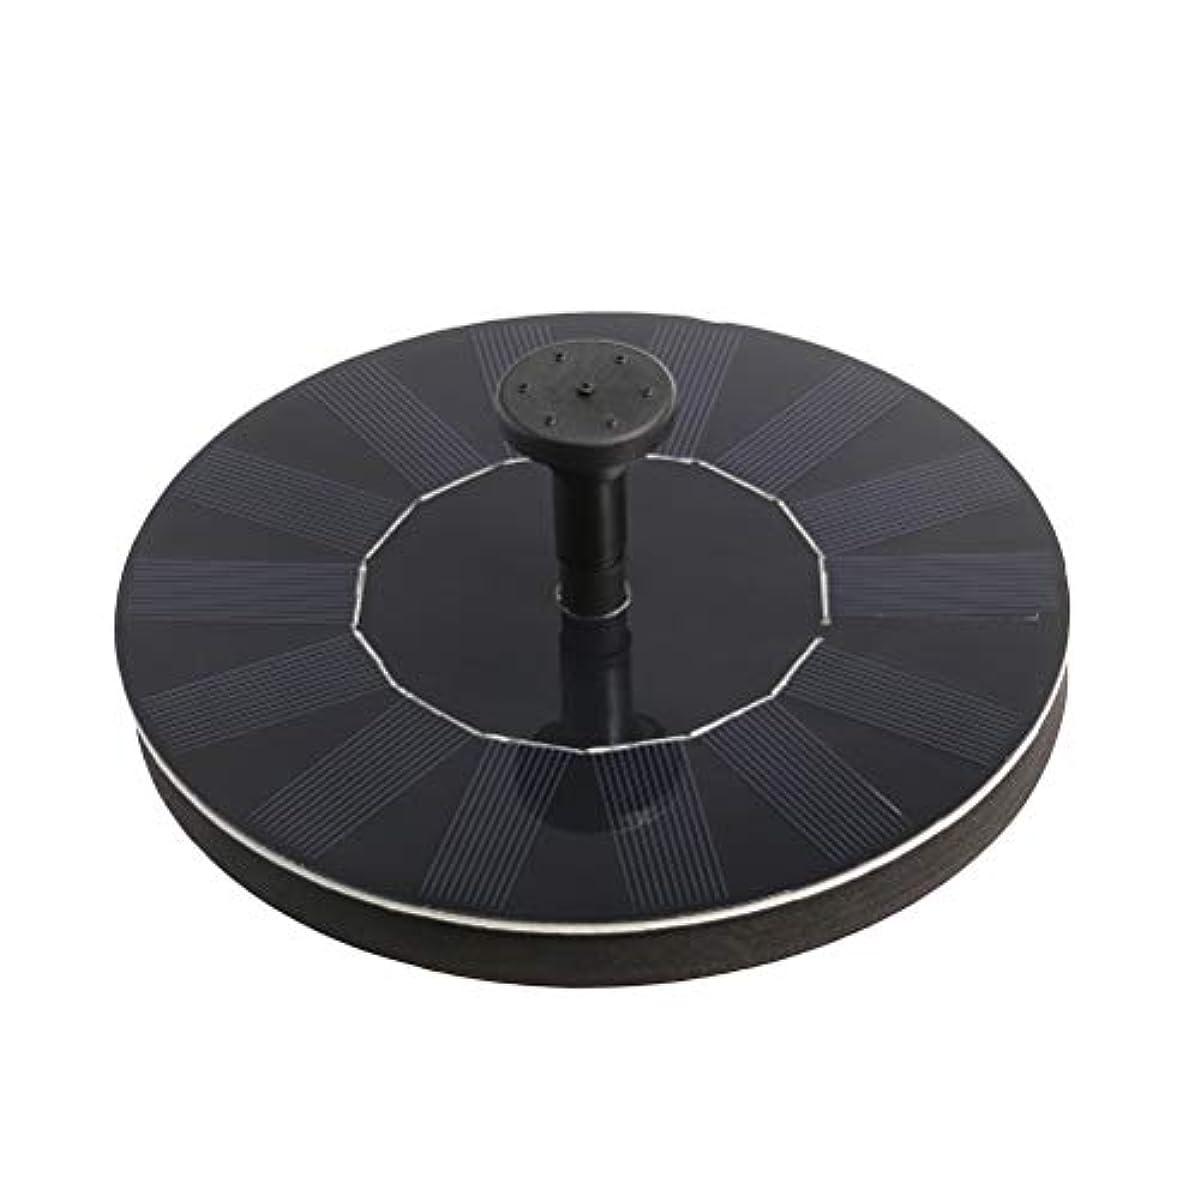 凶暴なタイト剃るLIOOBO 1.4ワットソーラーパワーポンプバードバス噴水ポンプ1.4ワットソーラーウォーターポンプキット用バードバスウォーター(ブラック)